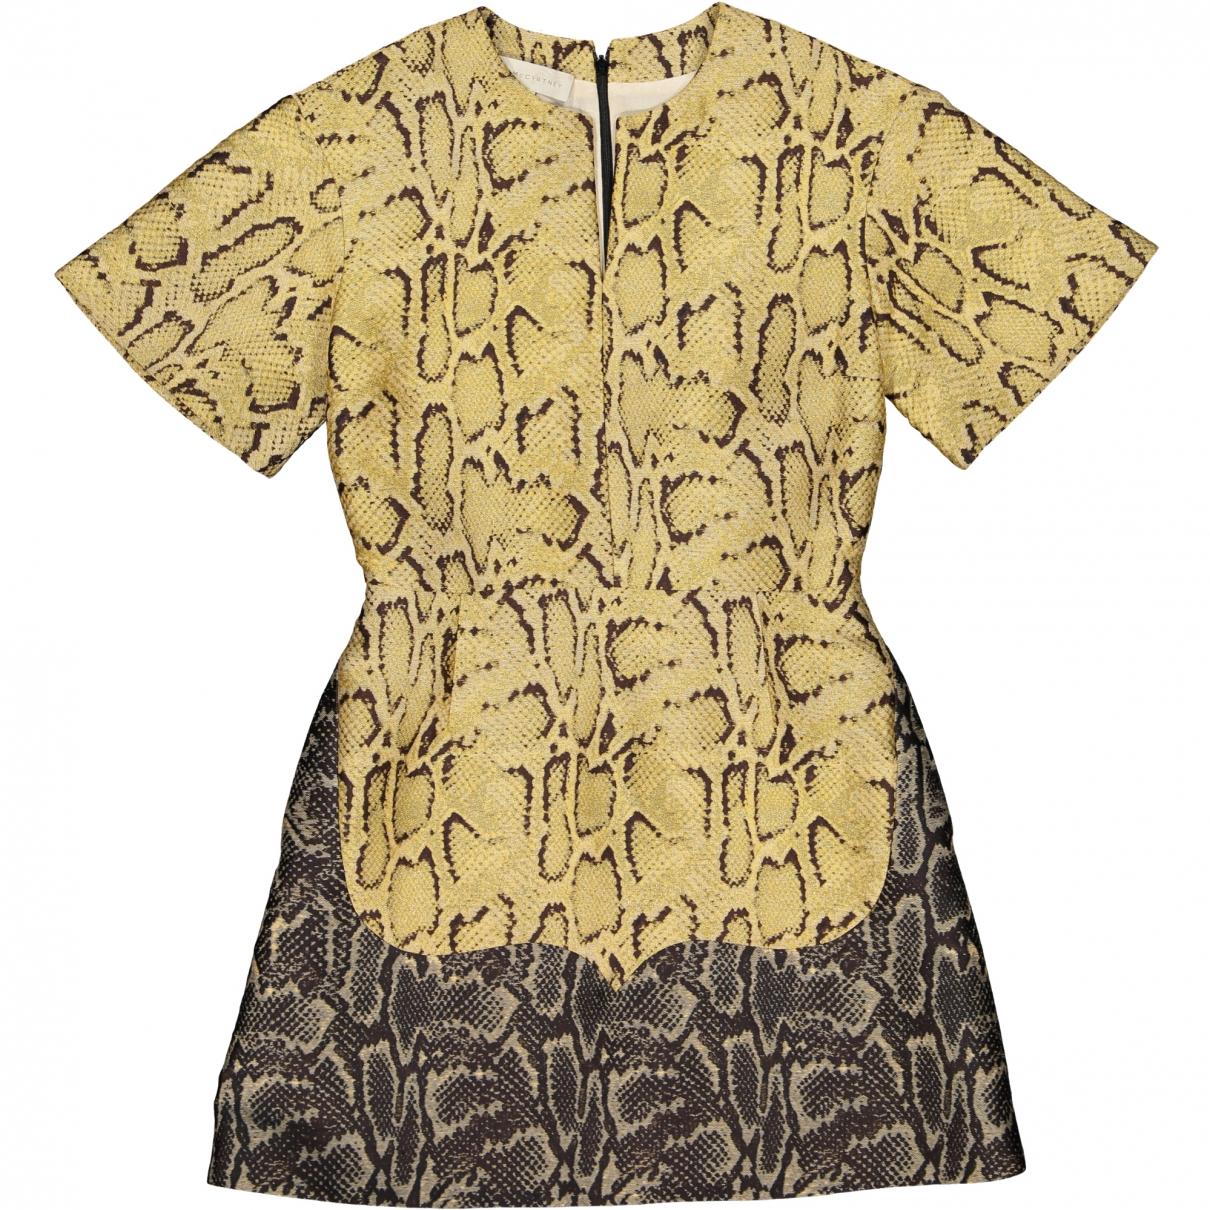 Stella Mccartney \N Beige dress for Women 40 IT